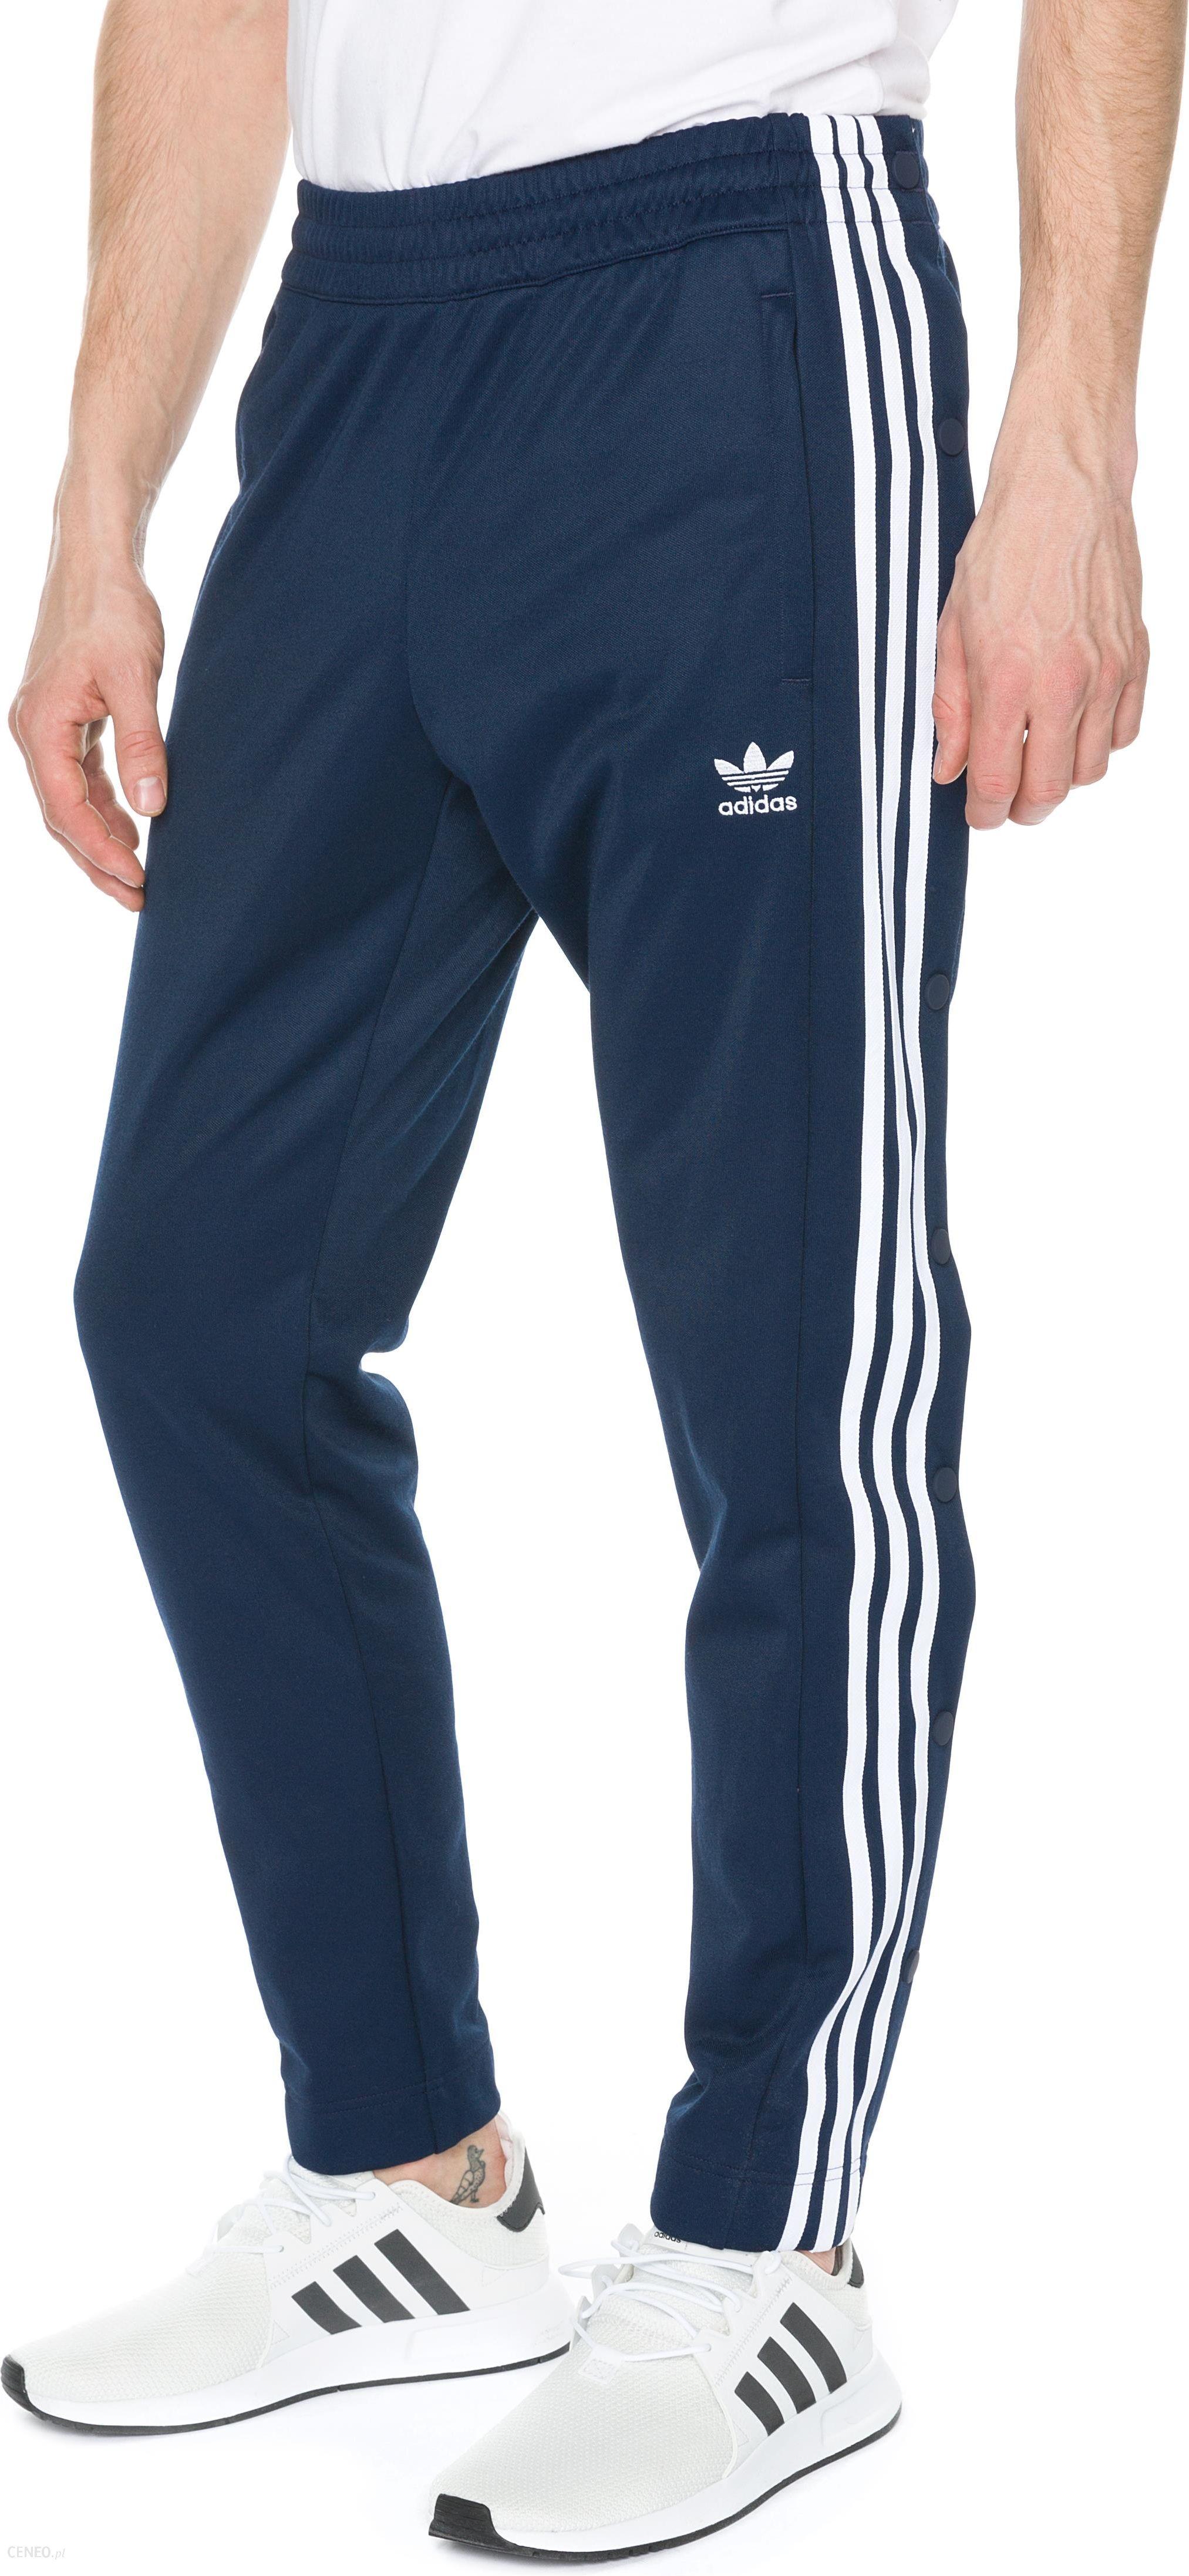 adidas originals spodnie dresowe damskie rozmiar s w Ubrania